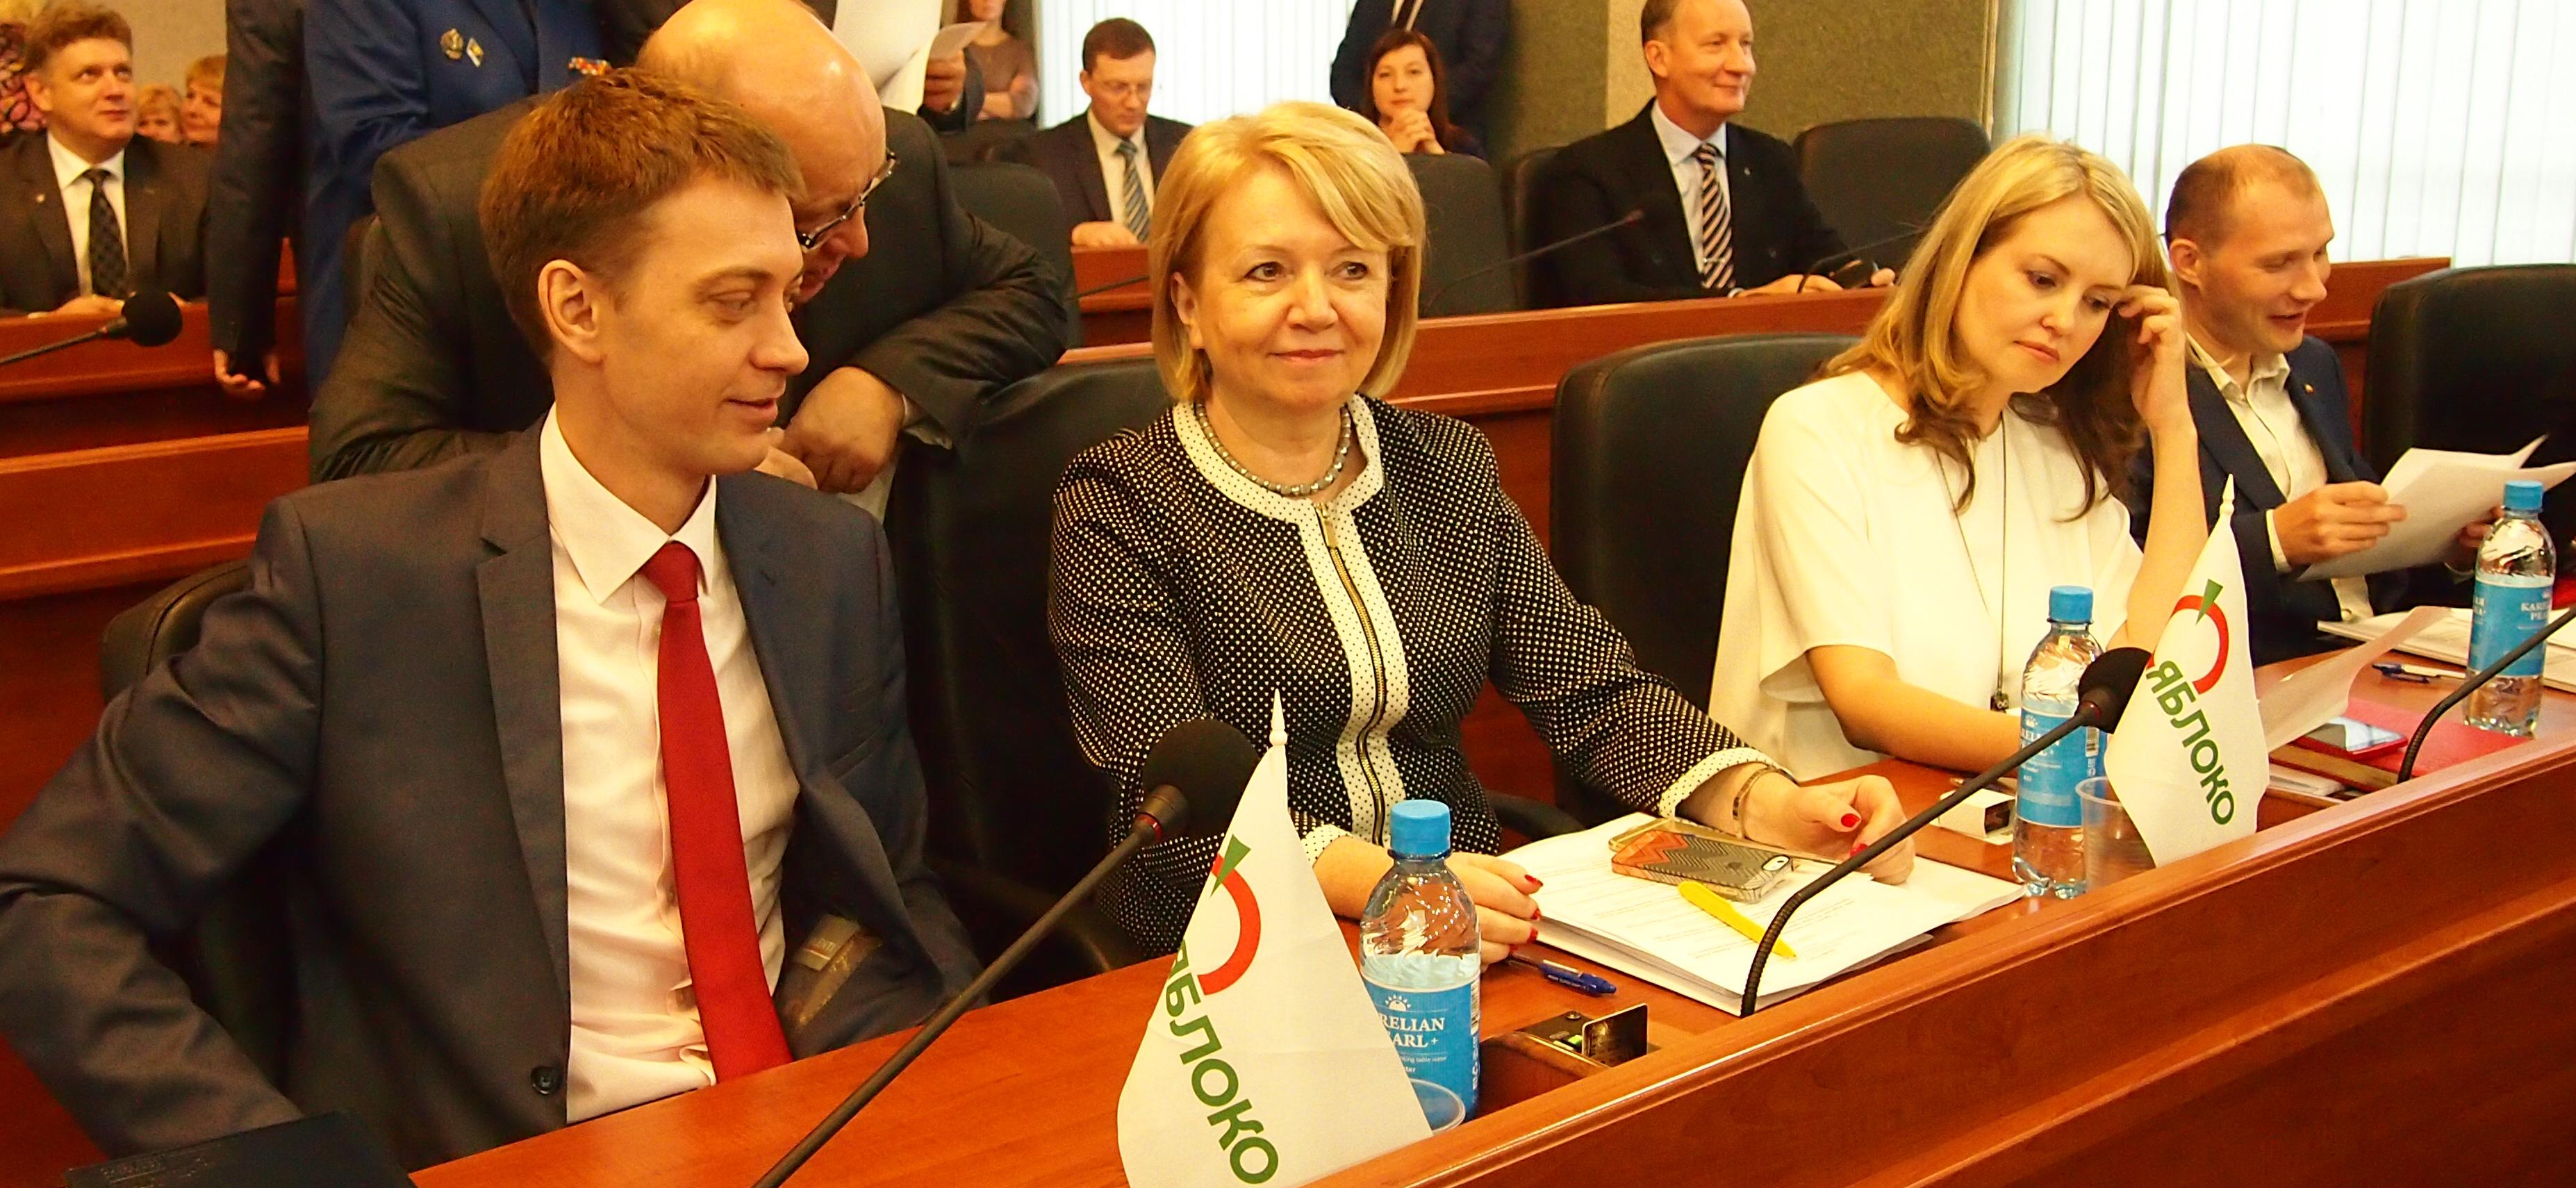 Парламентская оппозиция. Фото: Валерий Поташов